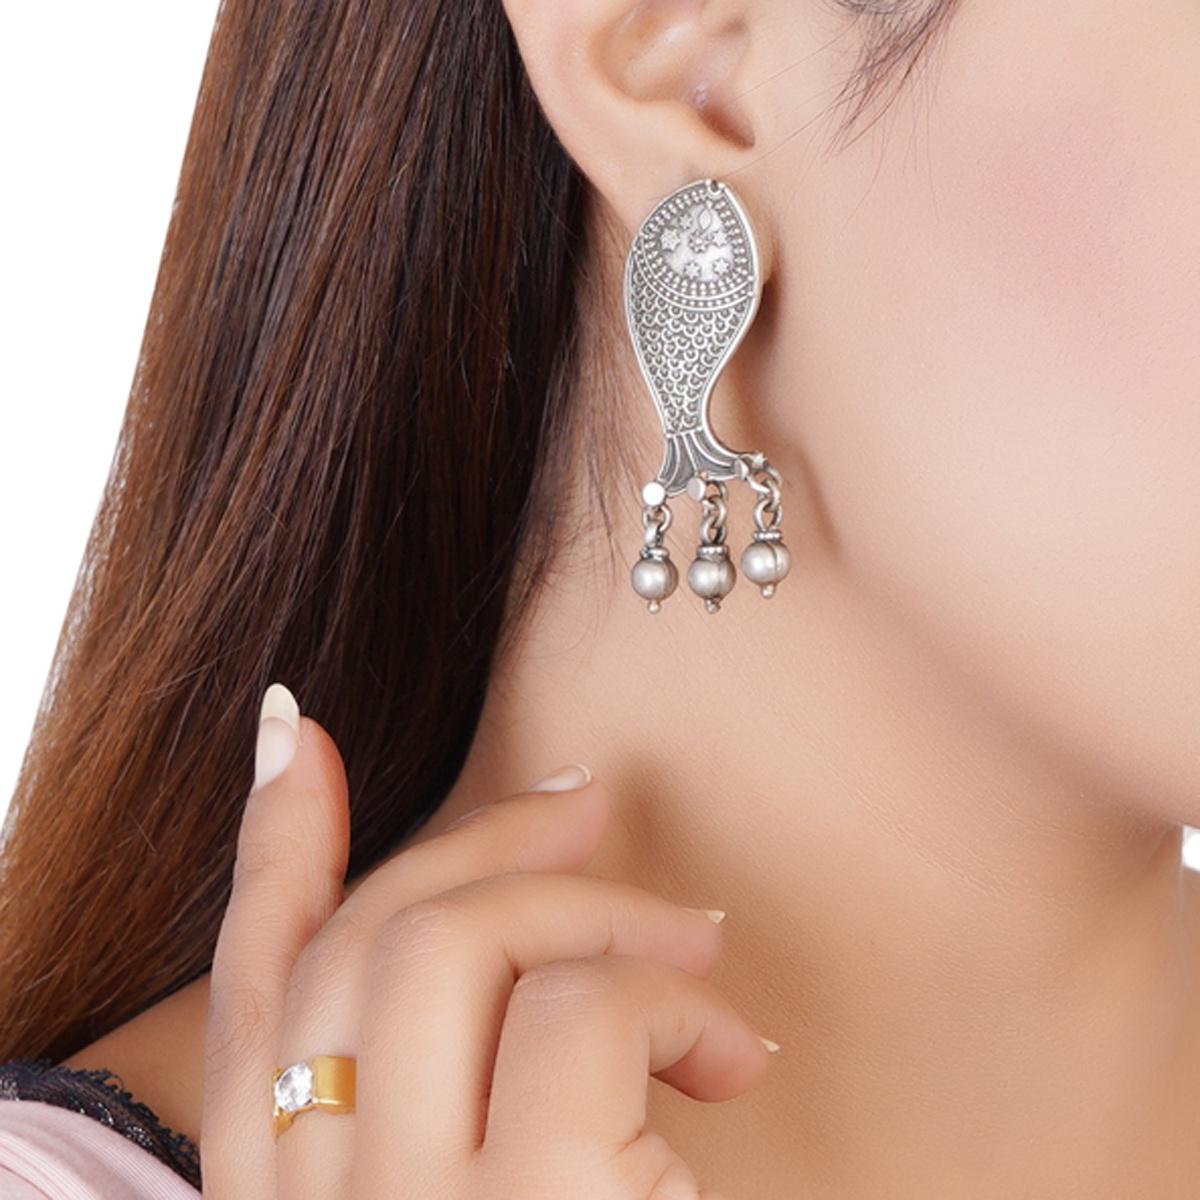 Tribal Silver Fish Earrings